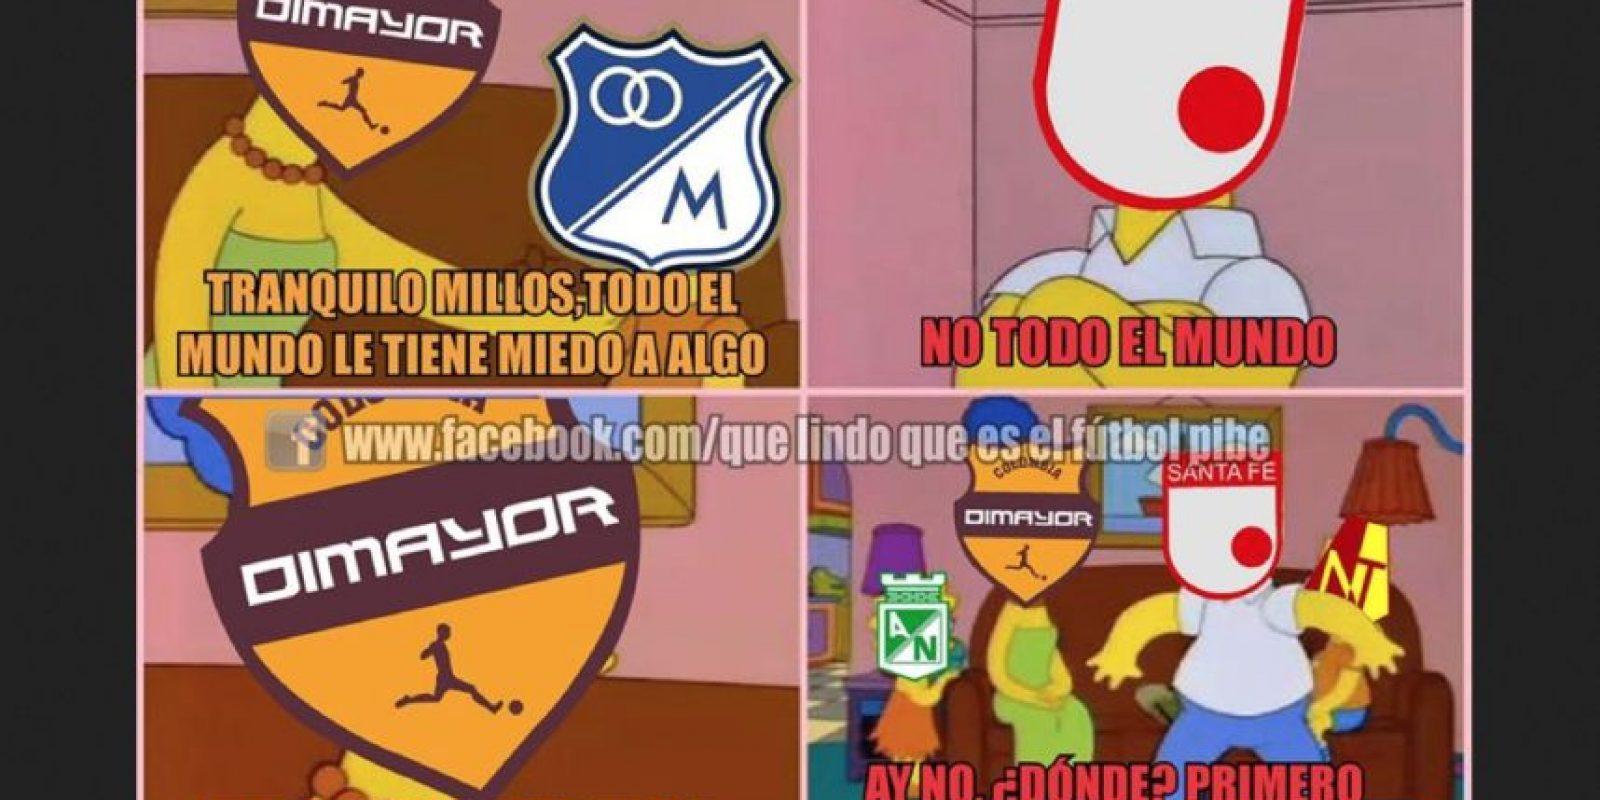 Foto:Tomado del Facebook 'Qué lindo que es el fútbol pibe'.